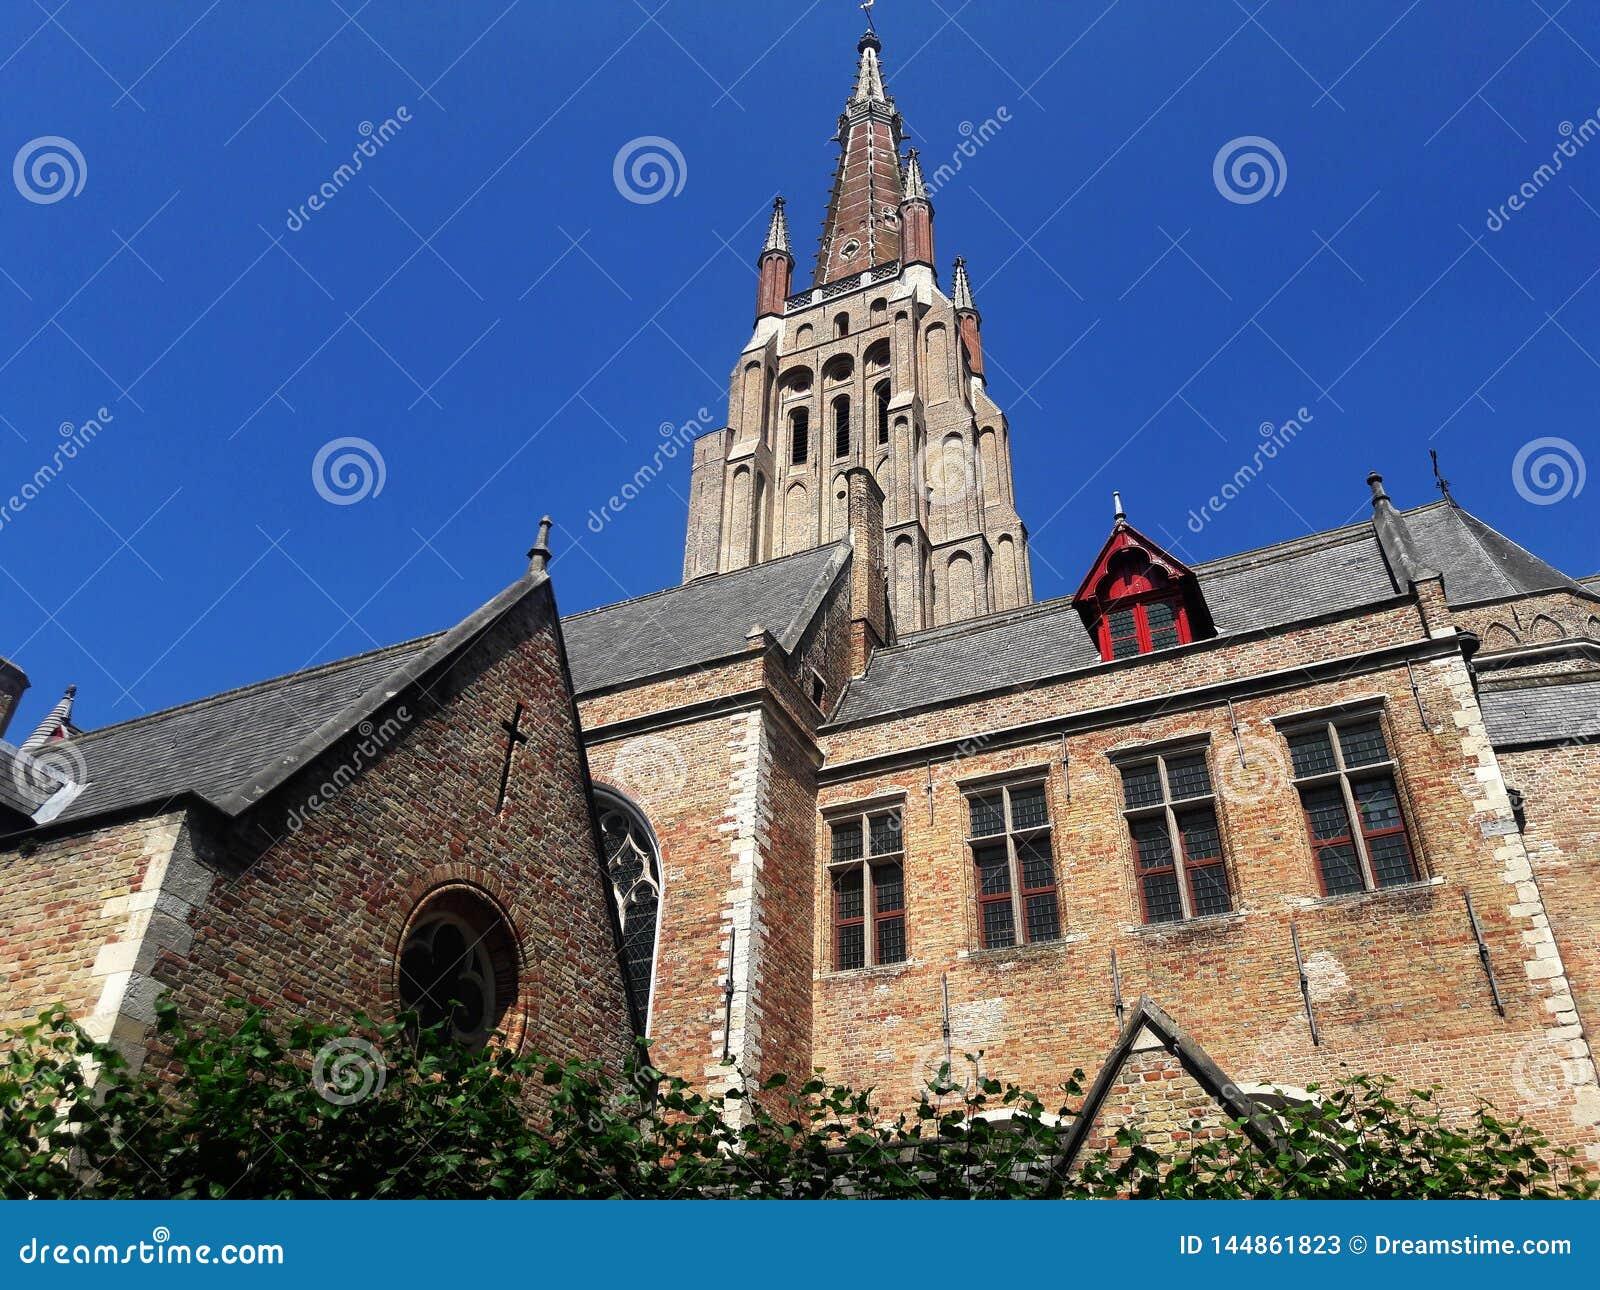 Arquitectura de la ciudad medieval europea vieja Brujas, Bélgica